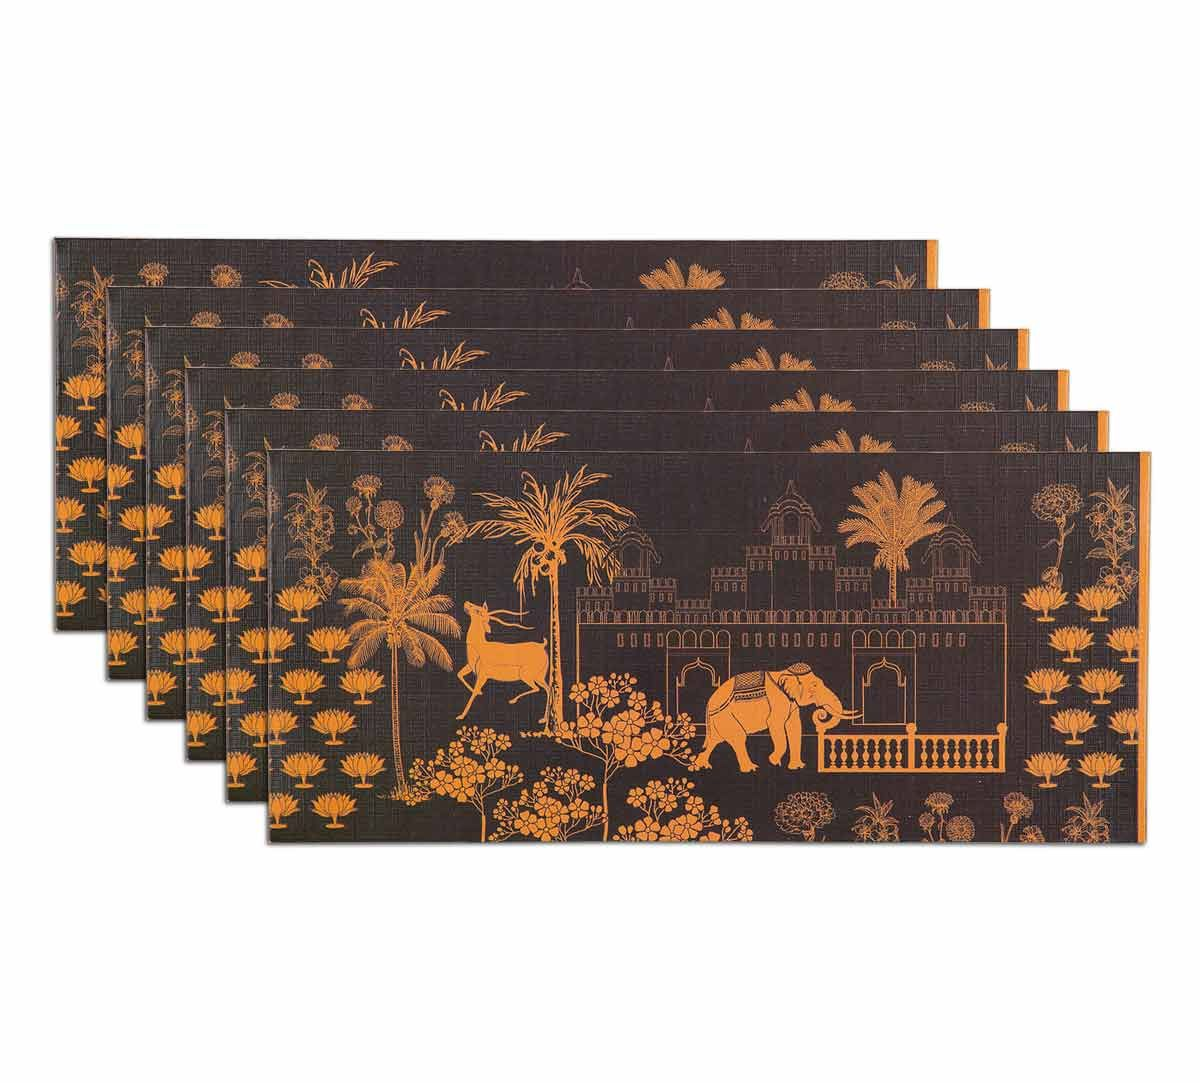 India Circus Palatial Courtyard Gift Envelope Set of 6